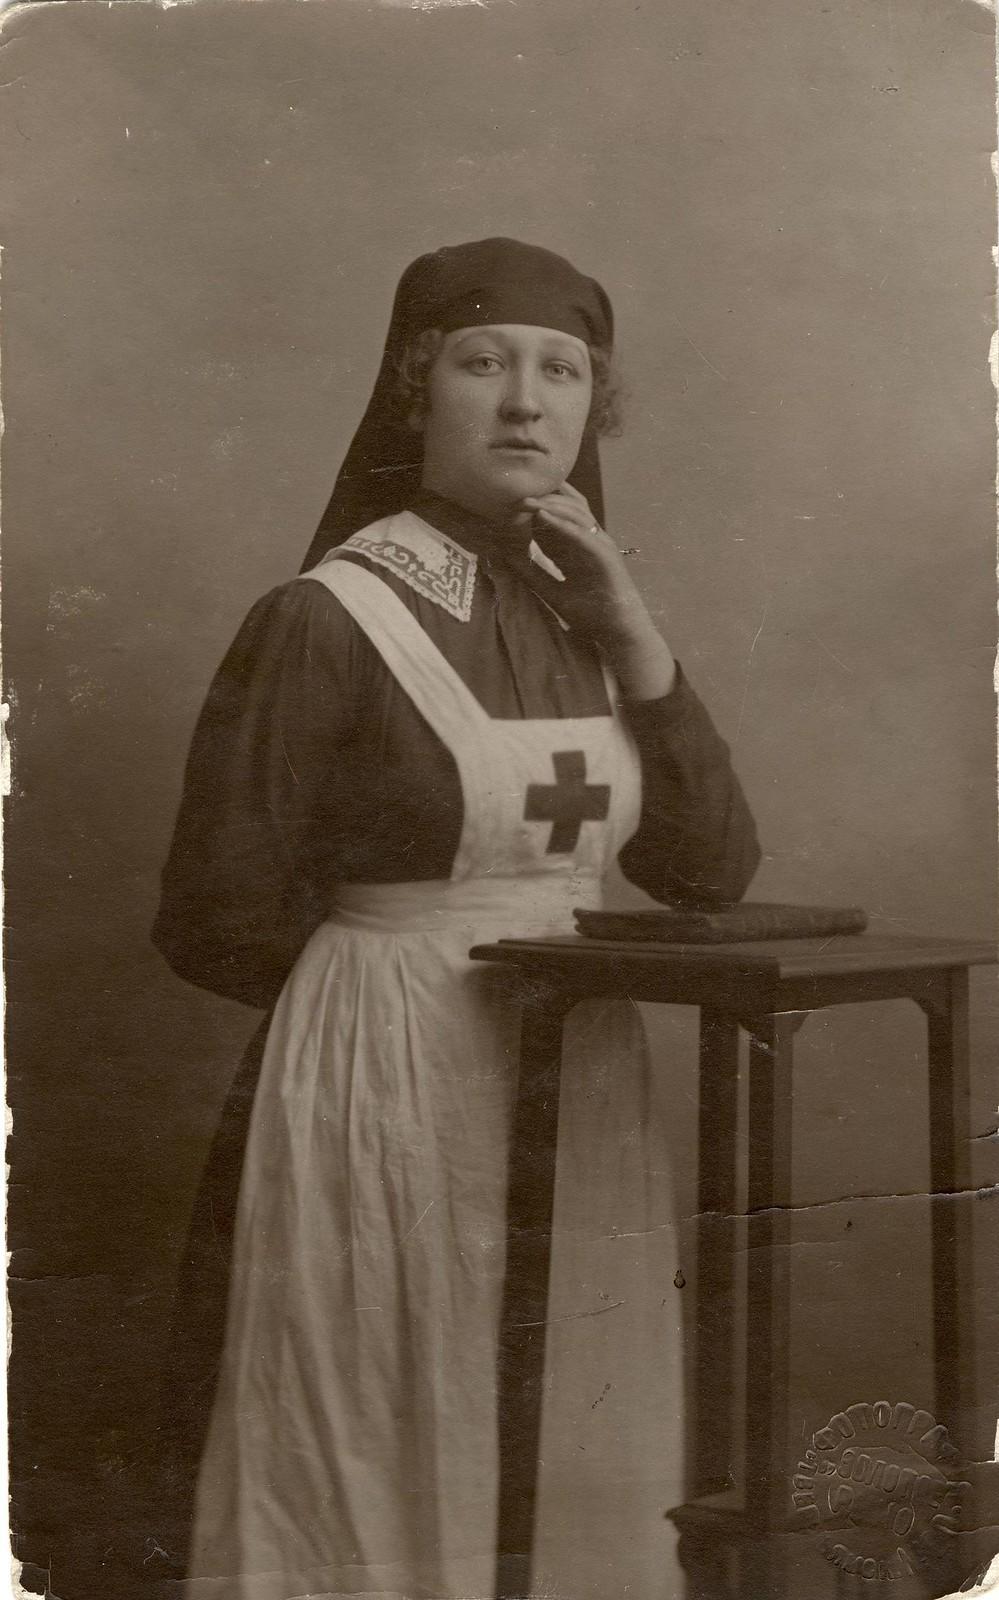 1917. Санитарка Красного керста, иркутянка Жилкина Н., погибшая на фронте